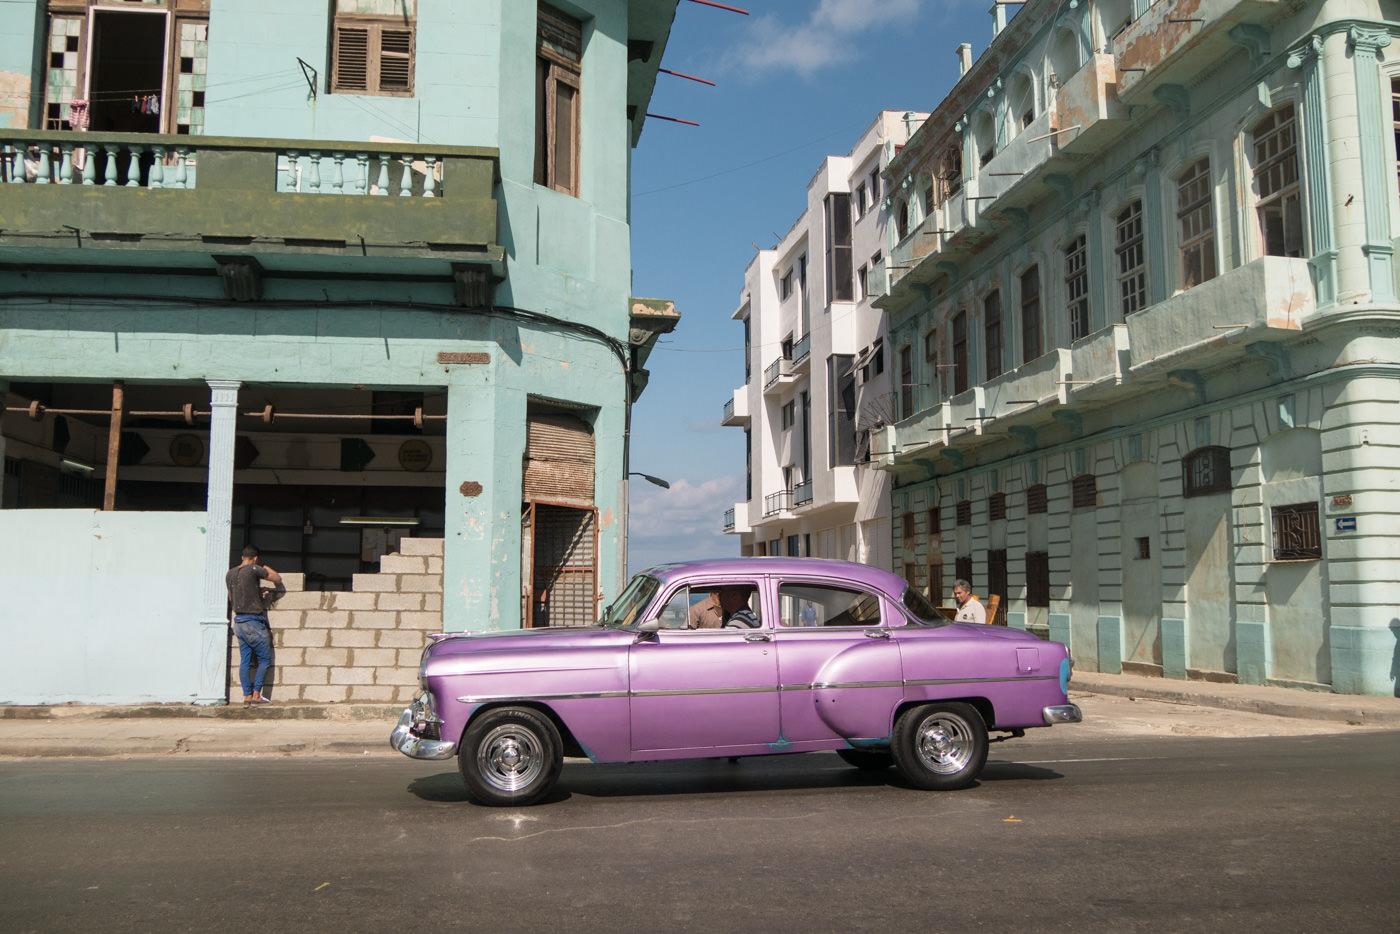 Ein Oldtimer in Havannas Straßen